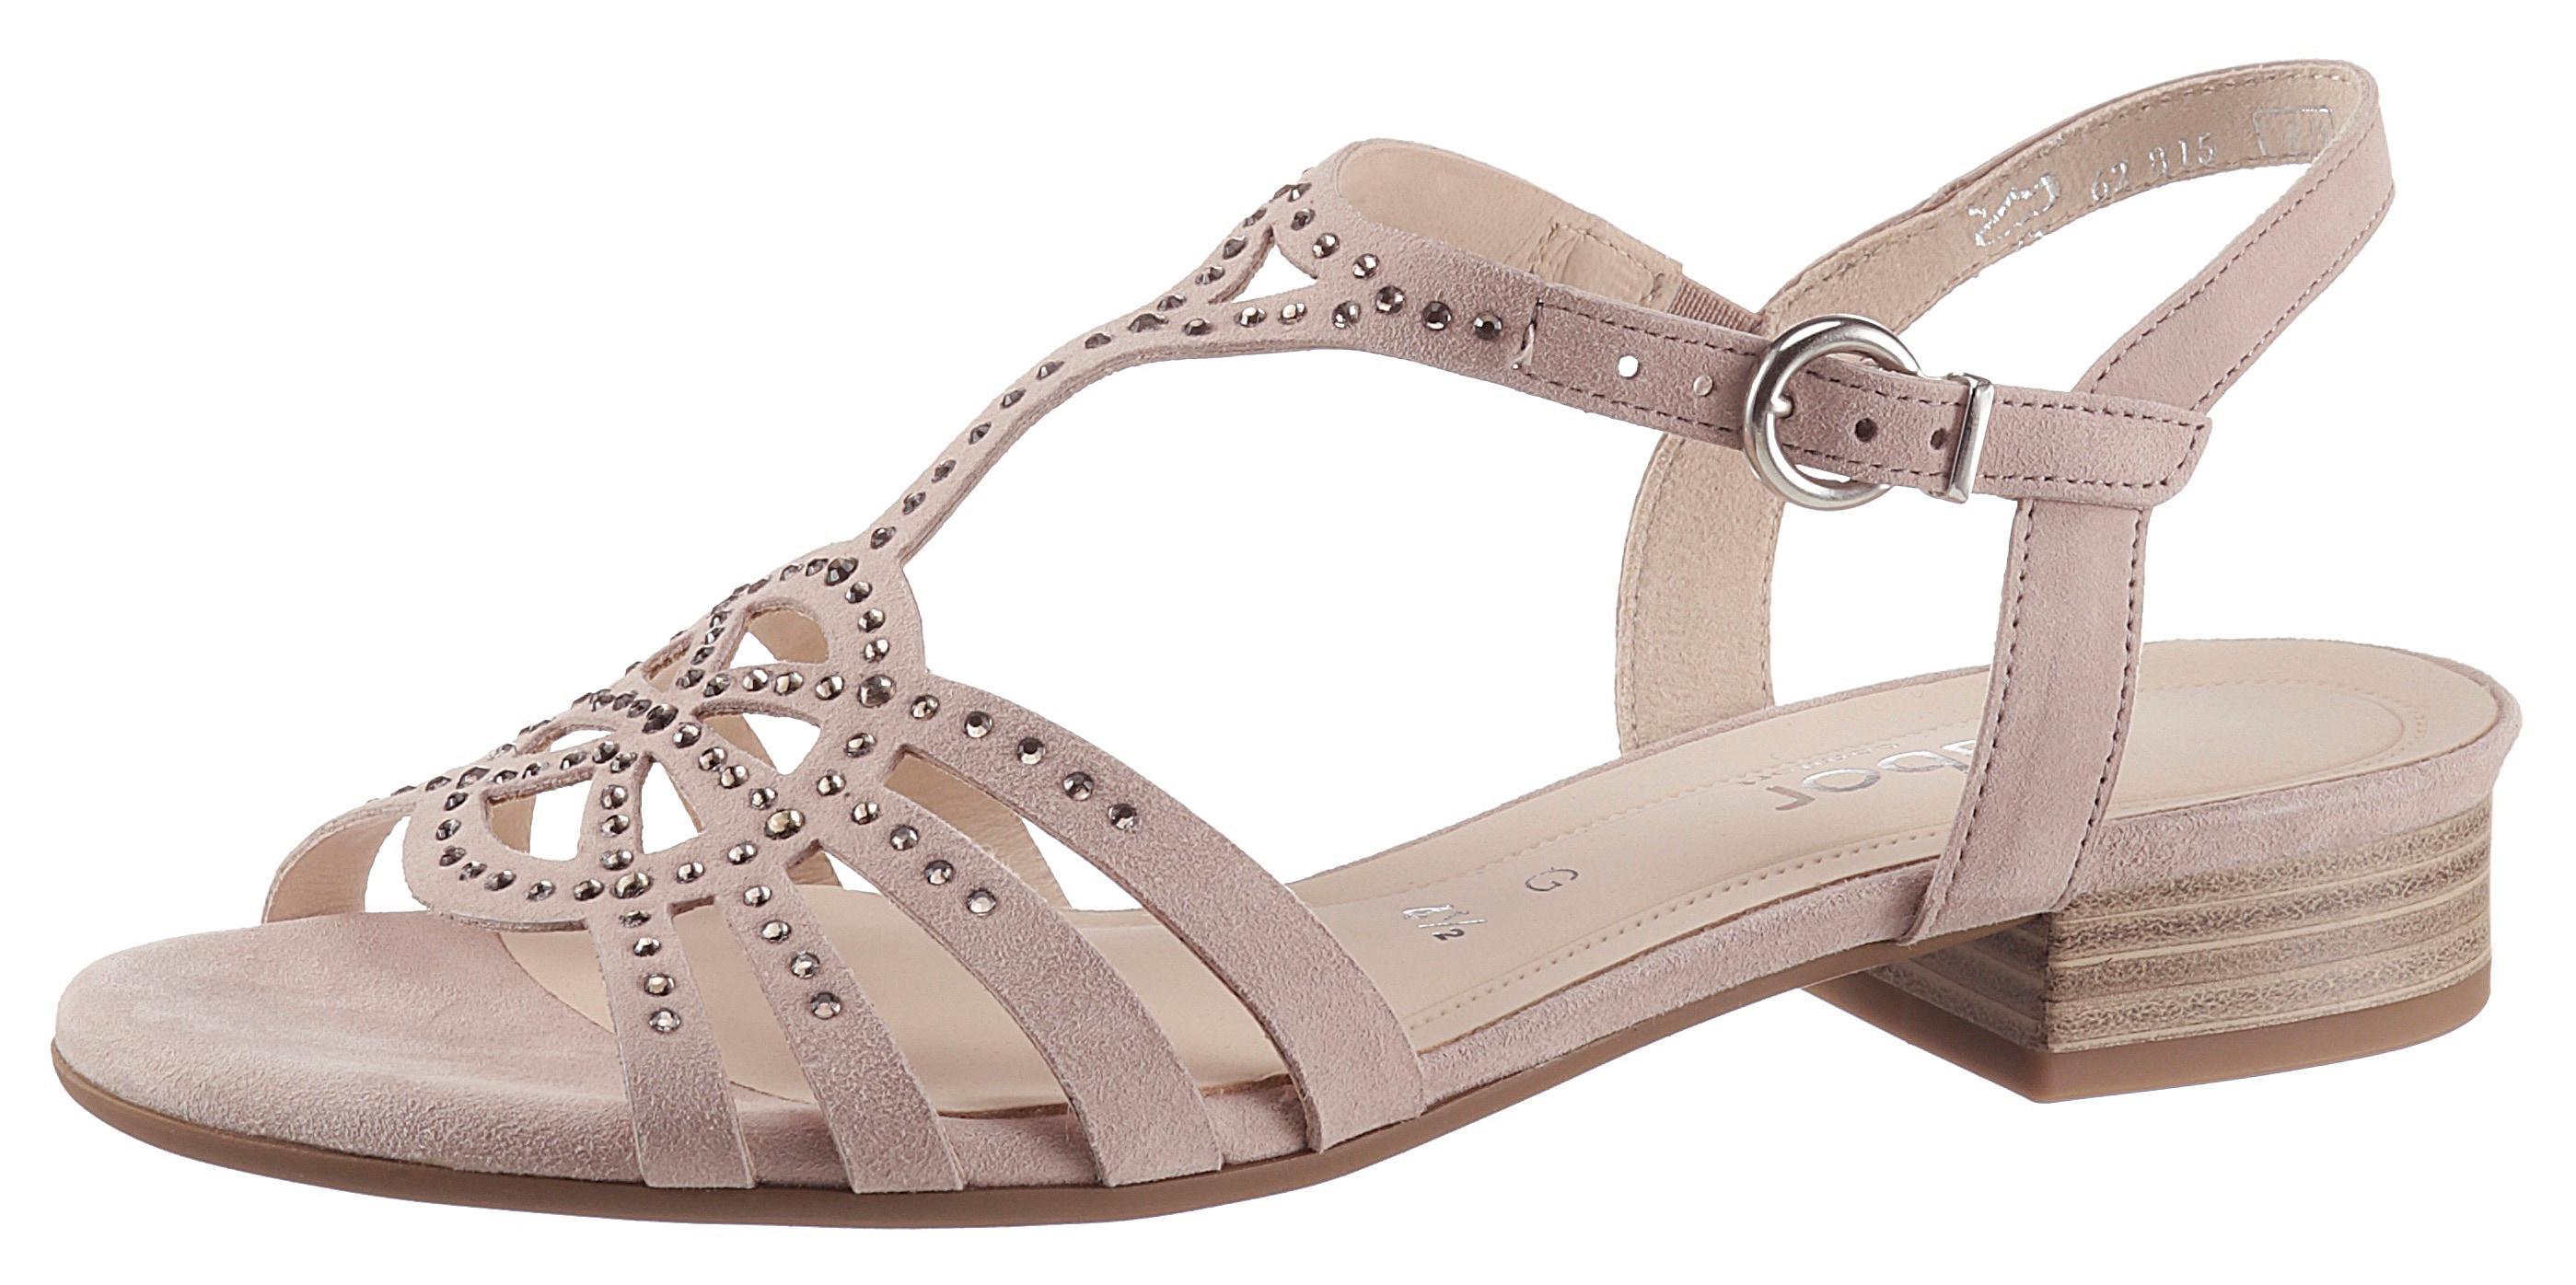 gabor -  Sandalette, mit glänzenden Strasssteinchen verziert